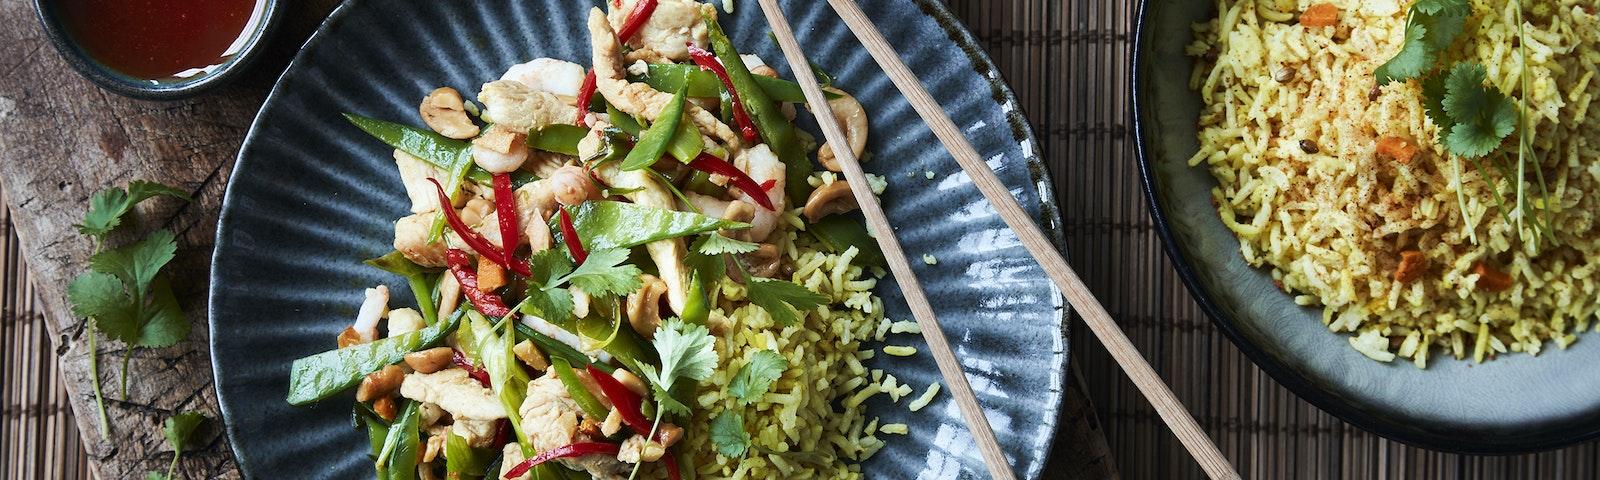 Wokad kyckling med räkor och kryddat ris